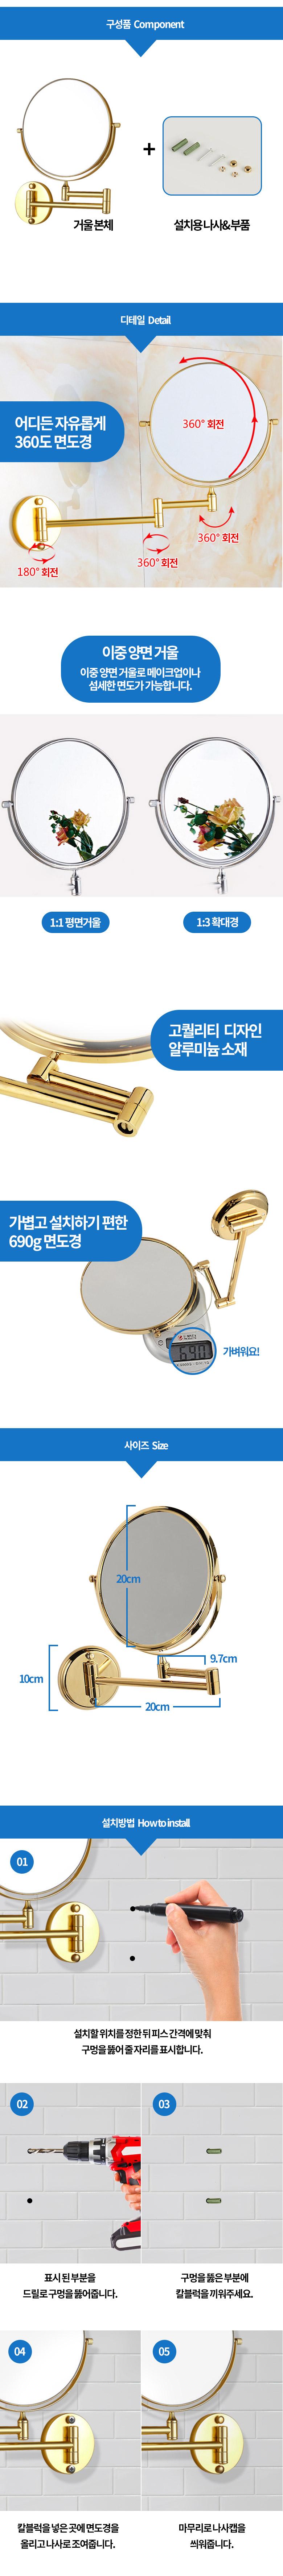 골드 면도경 면도거울 - 홀트레이드, 36,000원, 정리용품/청소, 홀더/타올/휴지걸이